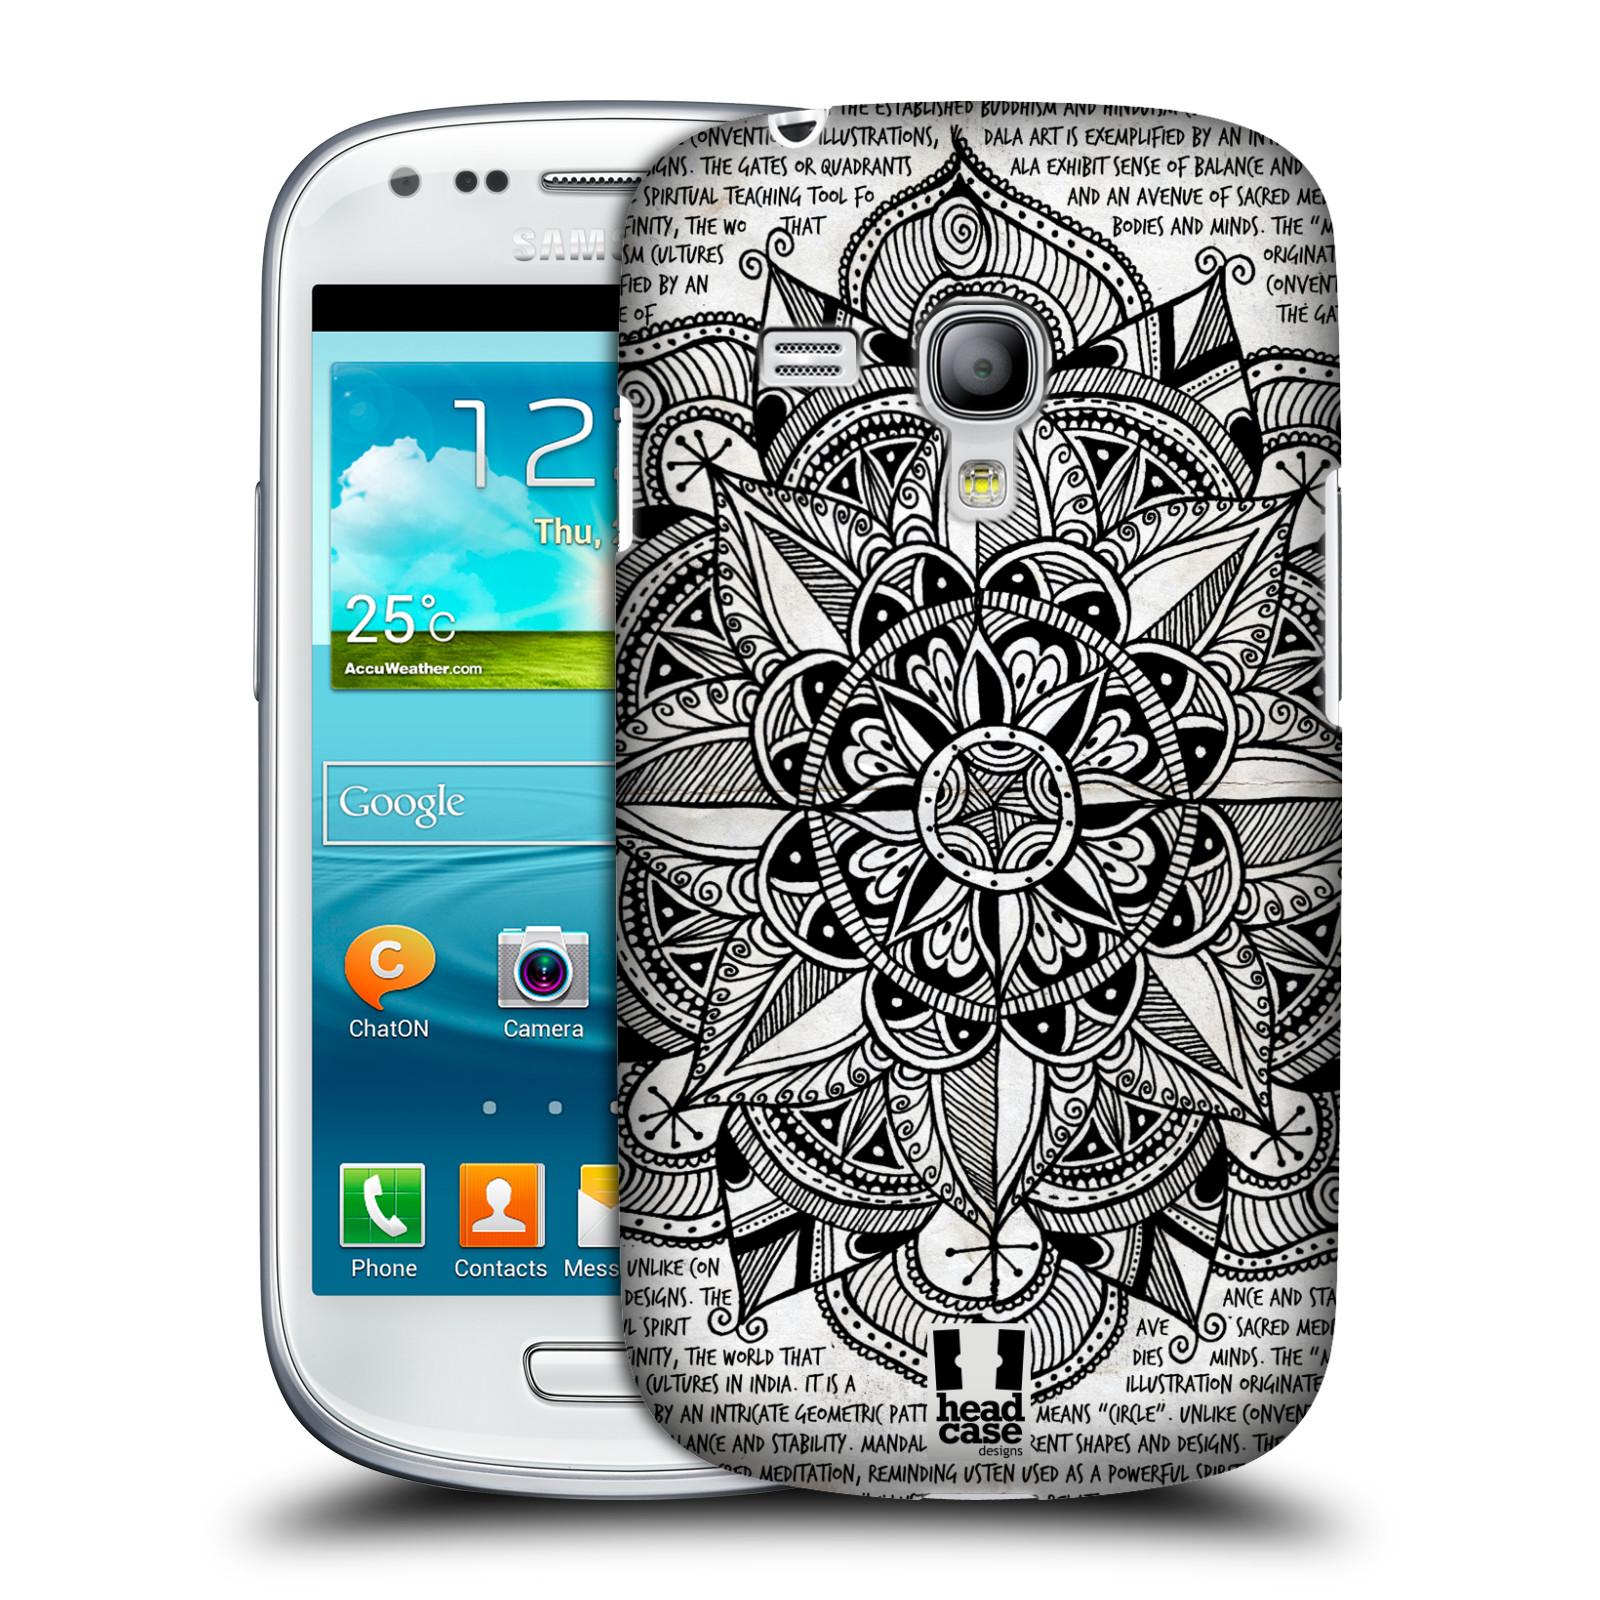 HC-I8160 (Kryt či obal na mobilní telefon Samsung Galaxy S3 Mini VE GT-i8200)